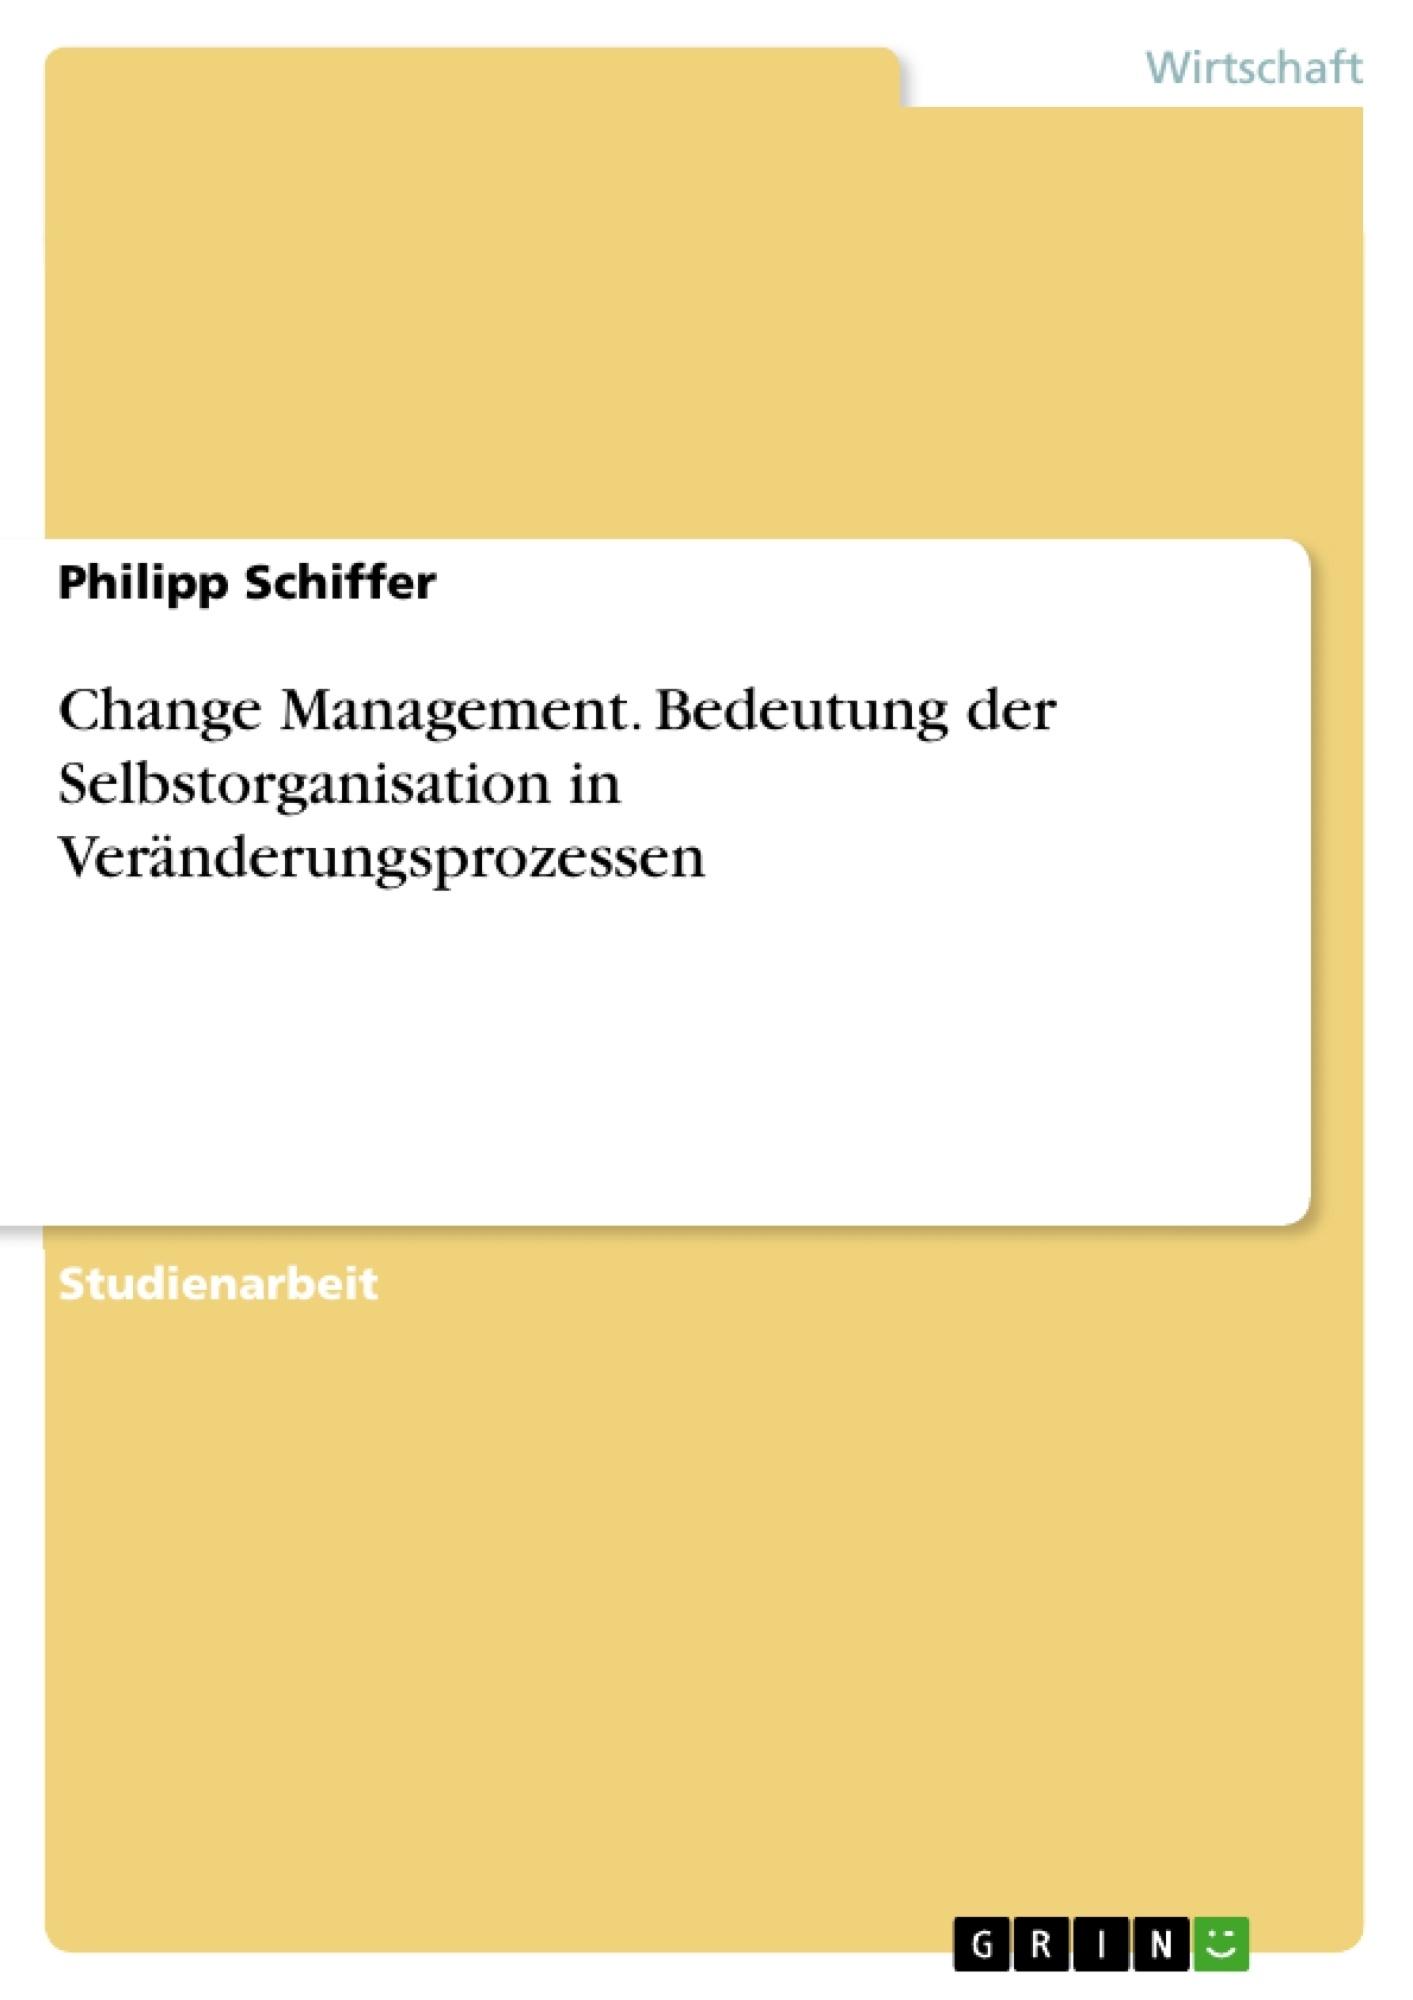 Titel: Change Management. Bedeutung der Selbstorganisation  in Veränderungsprozessen